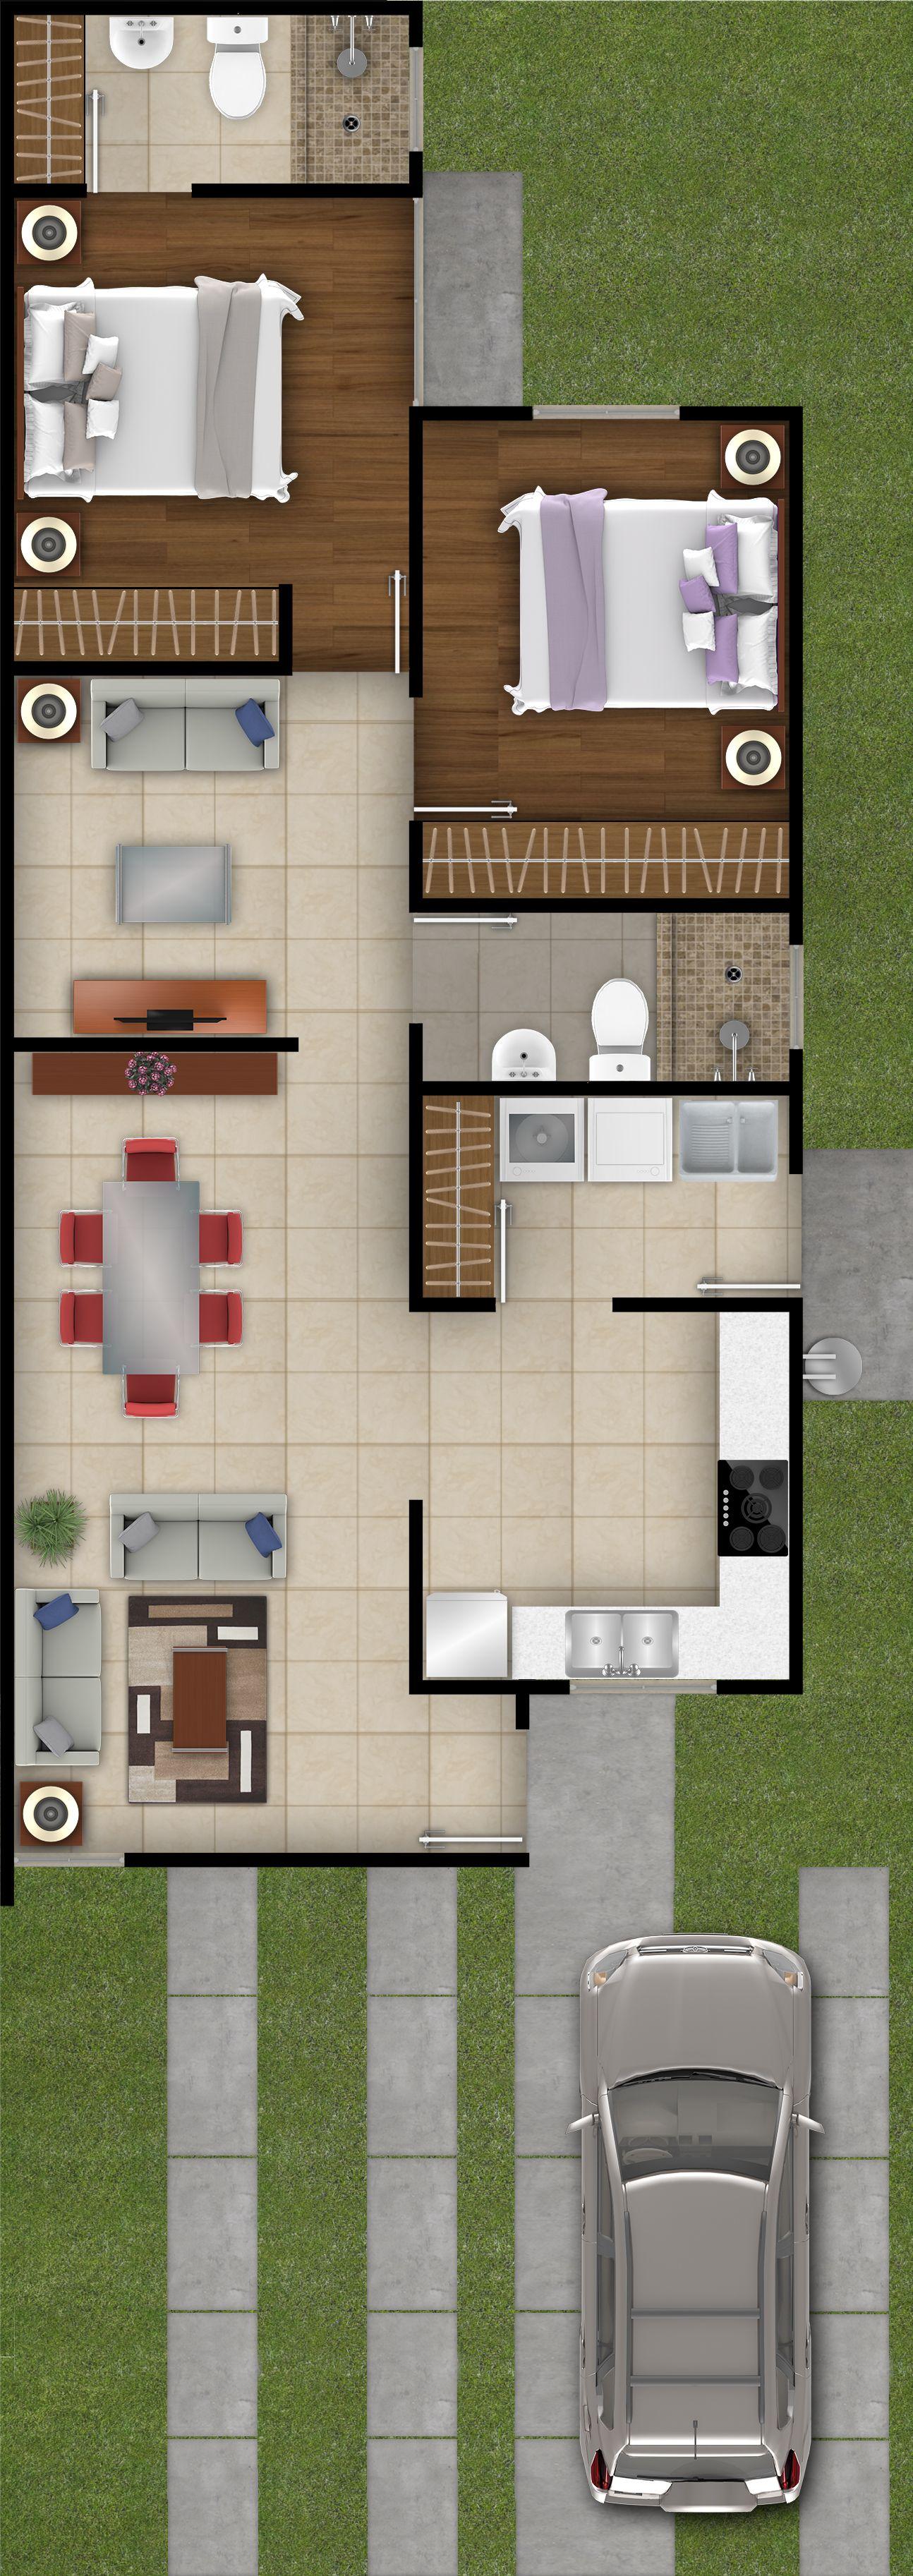 Modelo vicens casas visi n mexicali tijuana for Fachadas de casas modernas en hermosillo